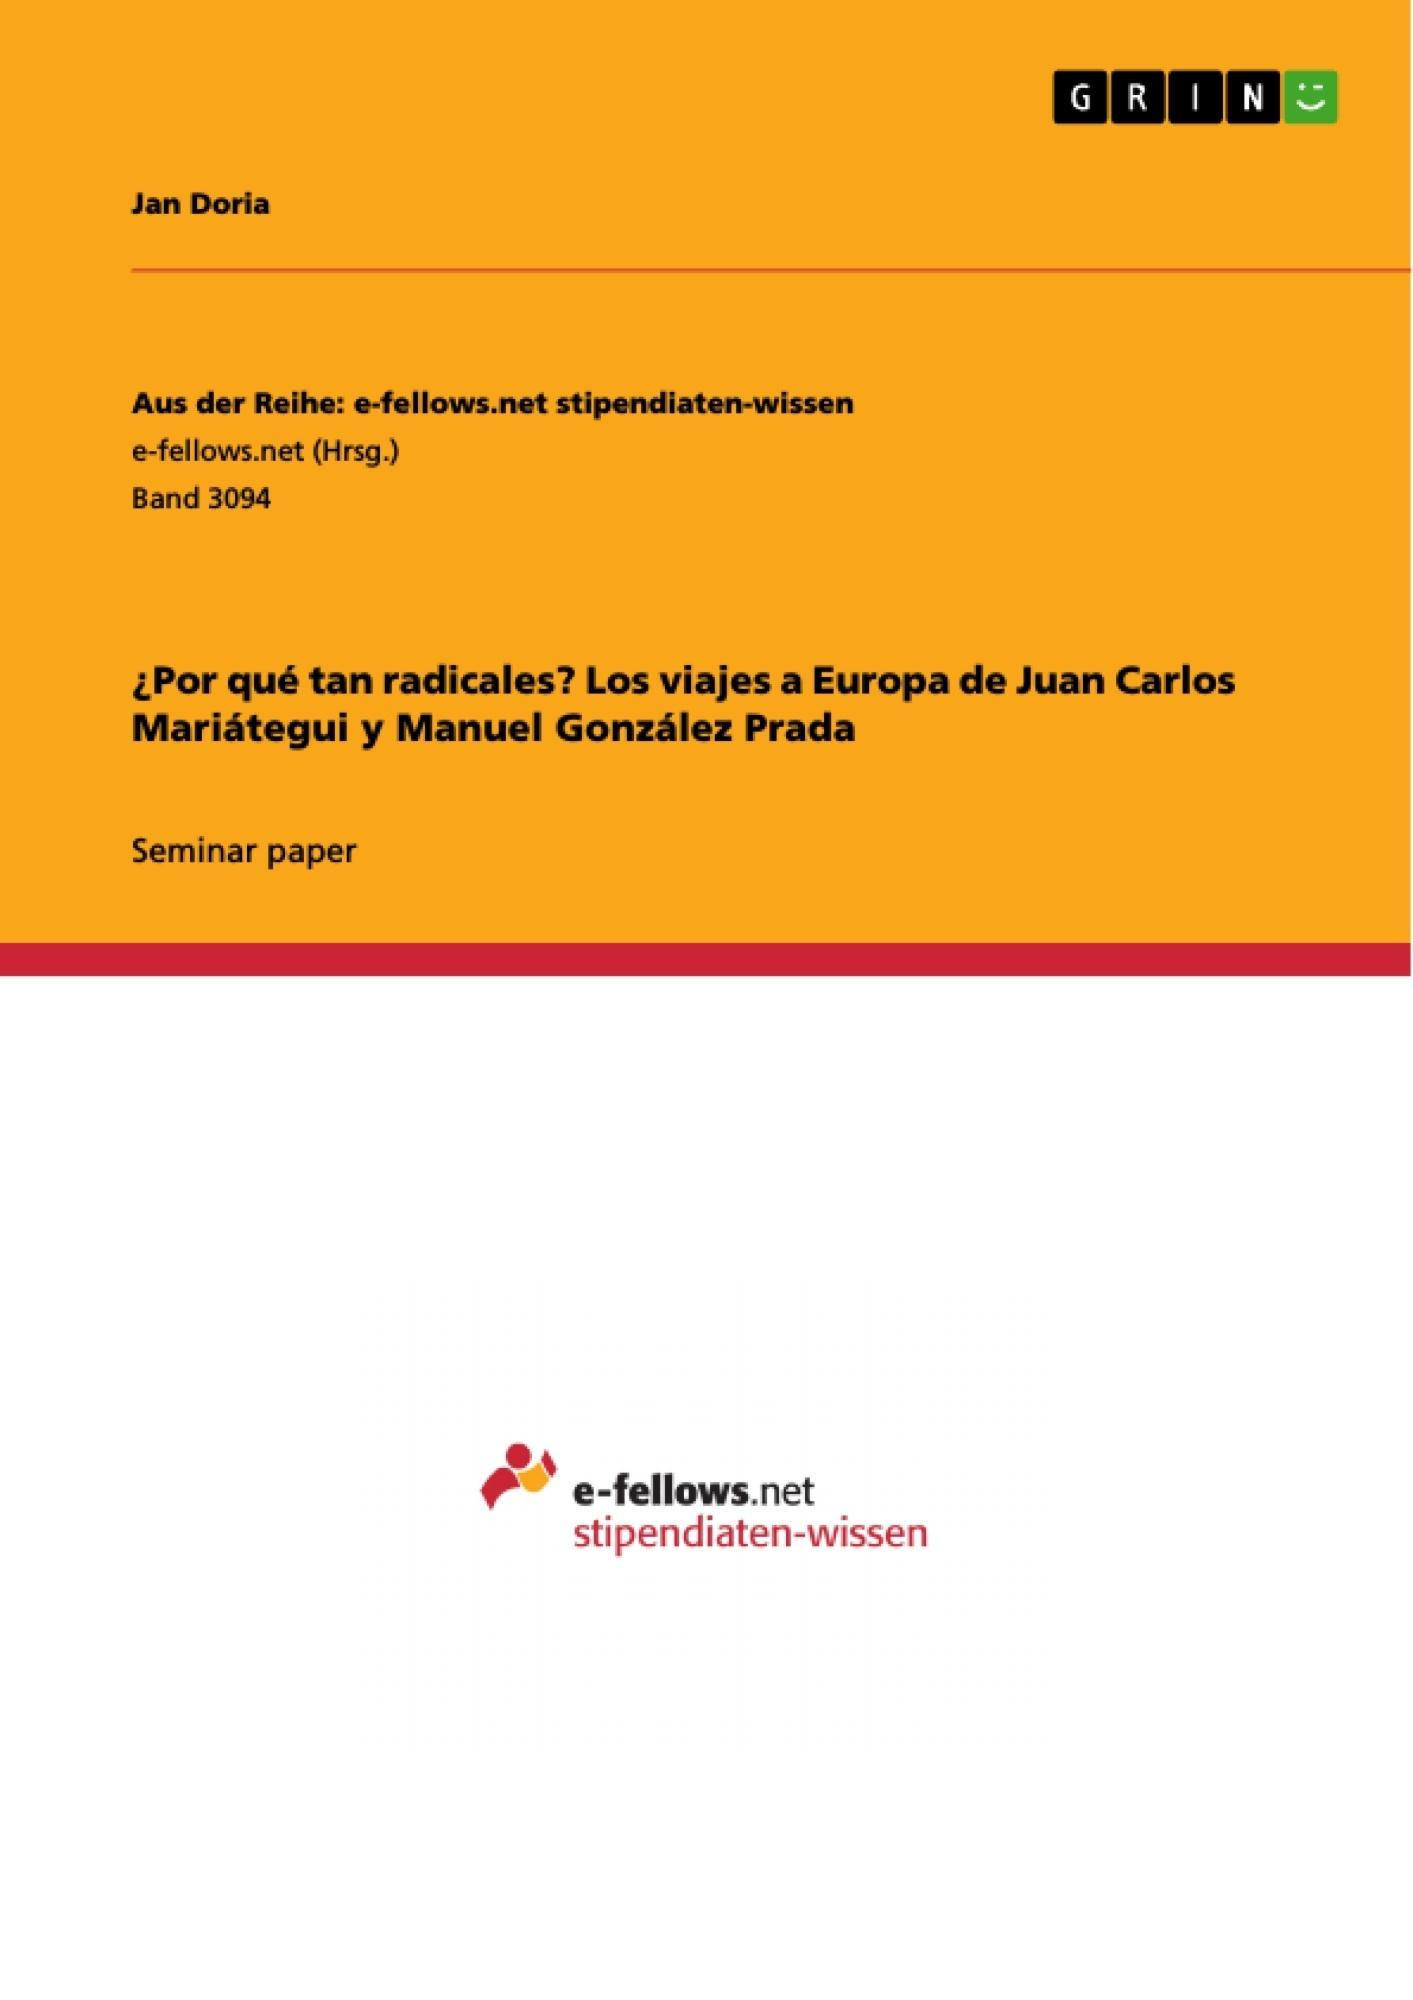 Título: ¿Por qué tan radicales? Los viajes a Europa de Juan Carlos Mariátegui y Manuel González Prada